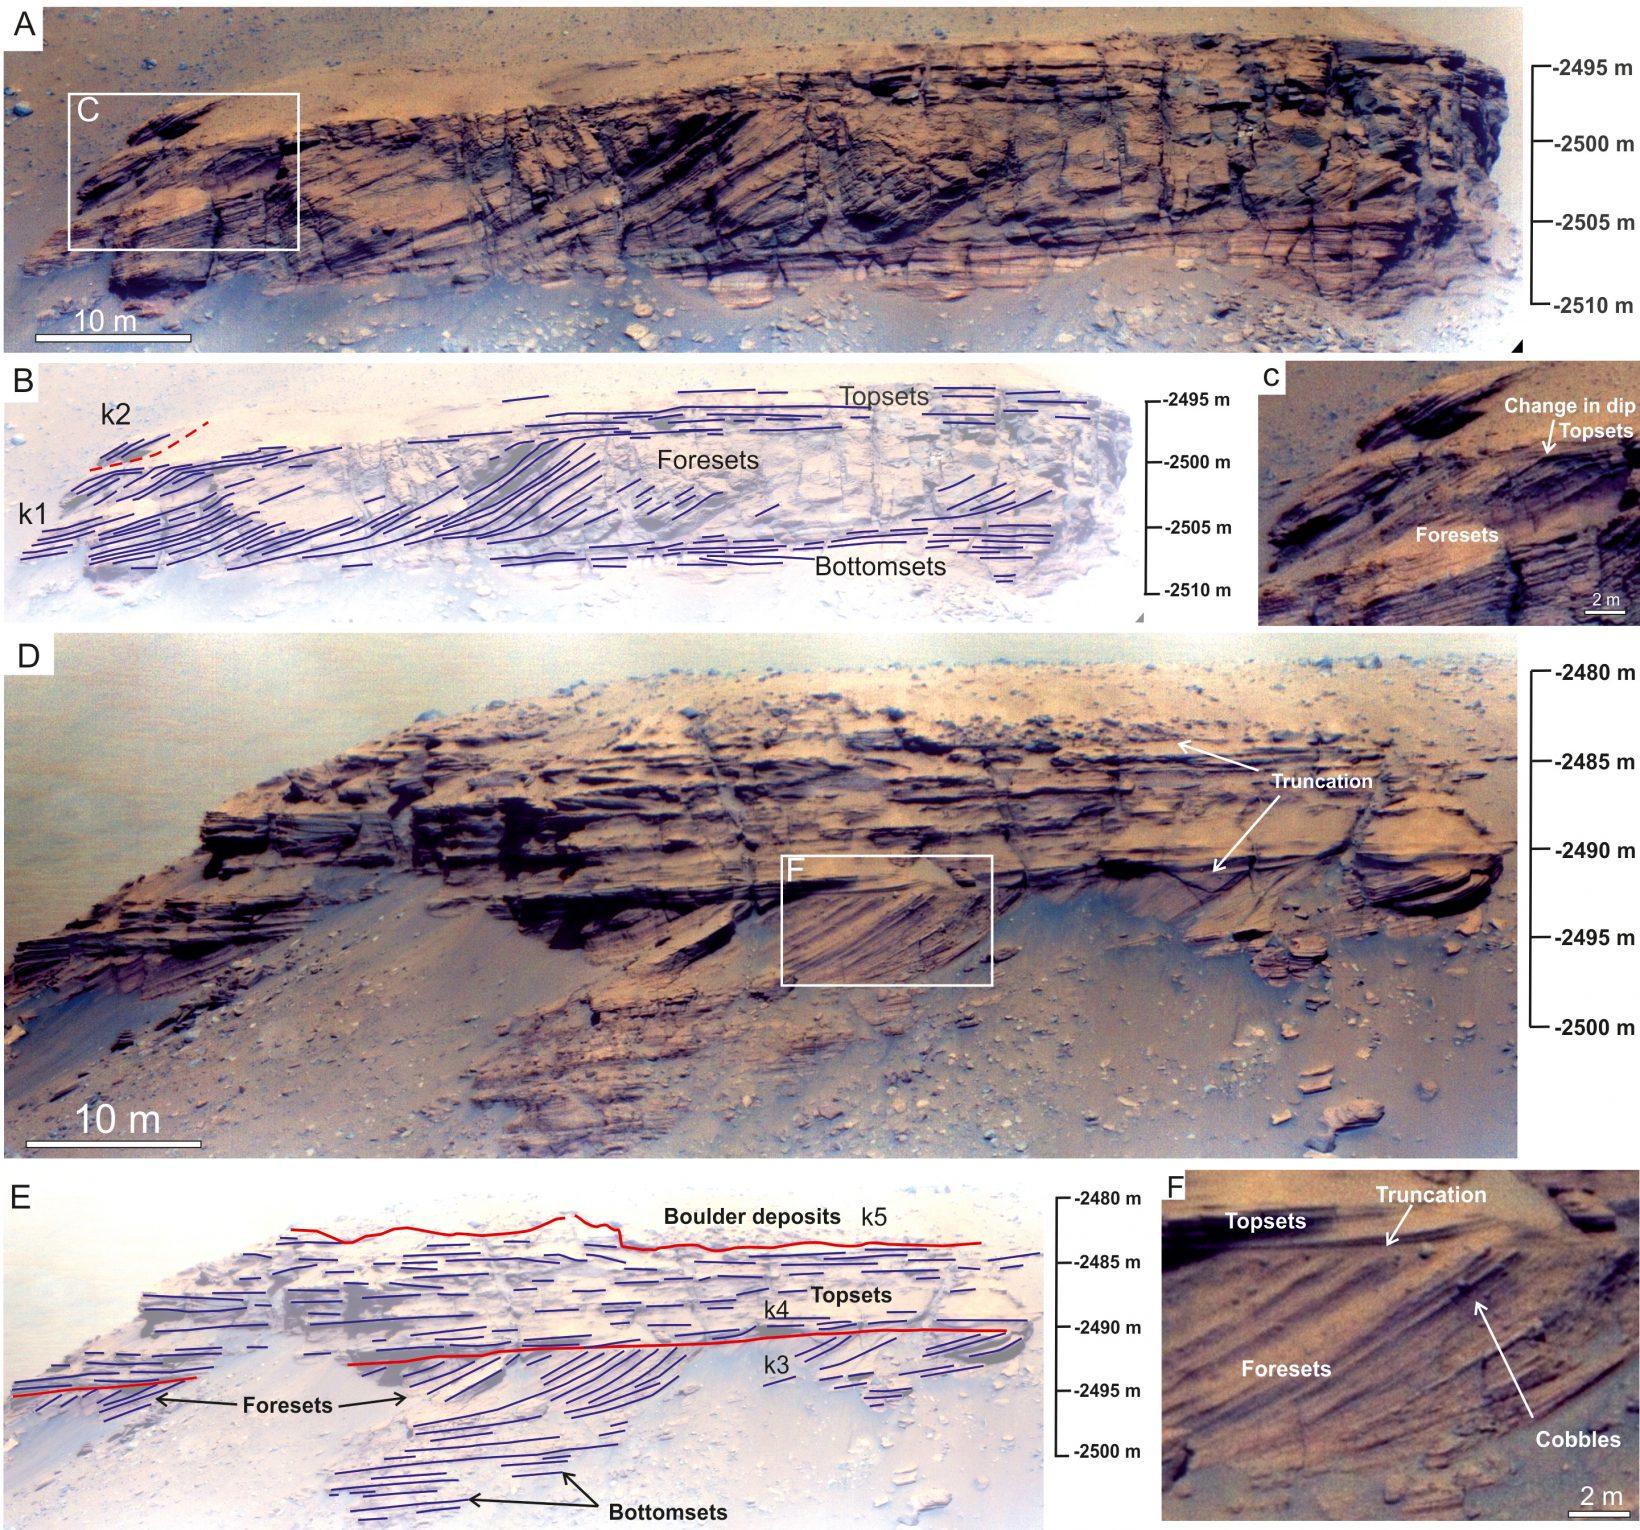 Kodiak butte stratigraphy and delta fan elements